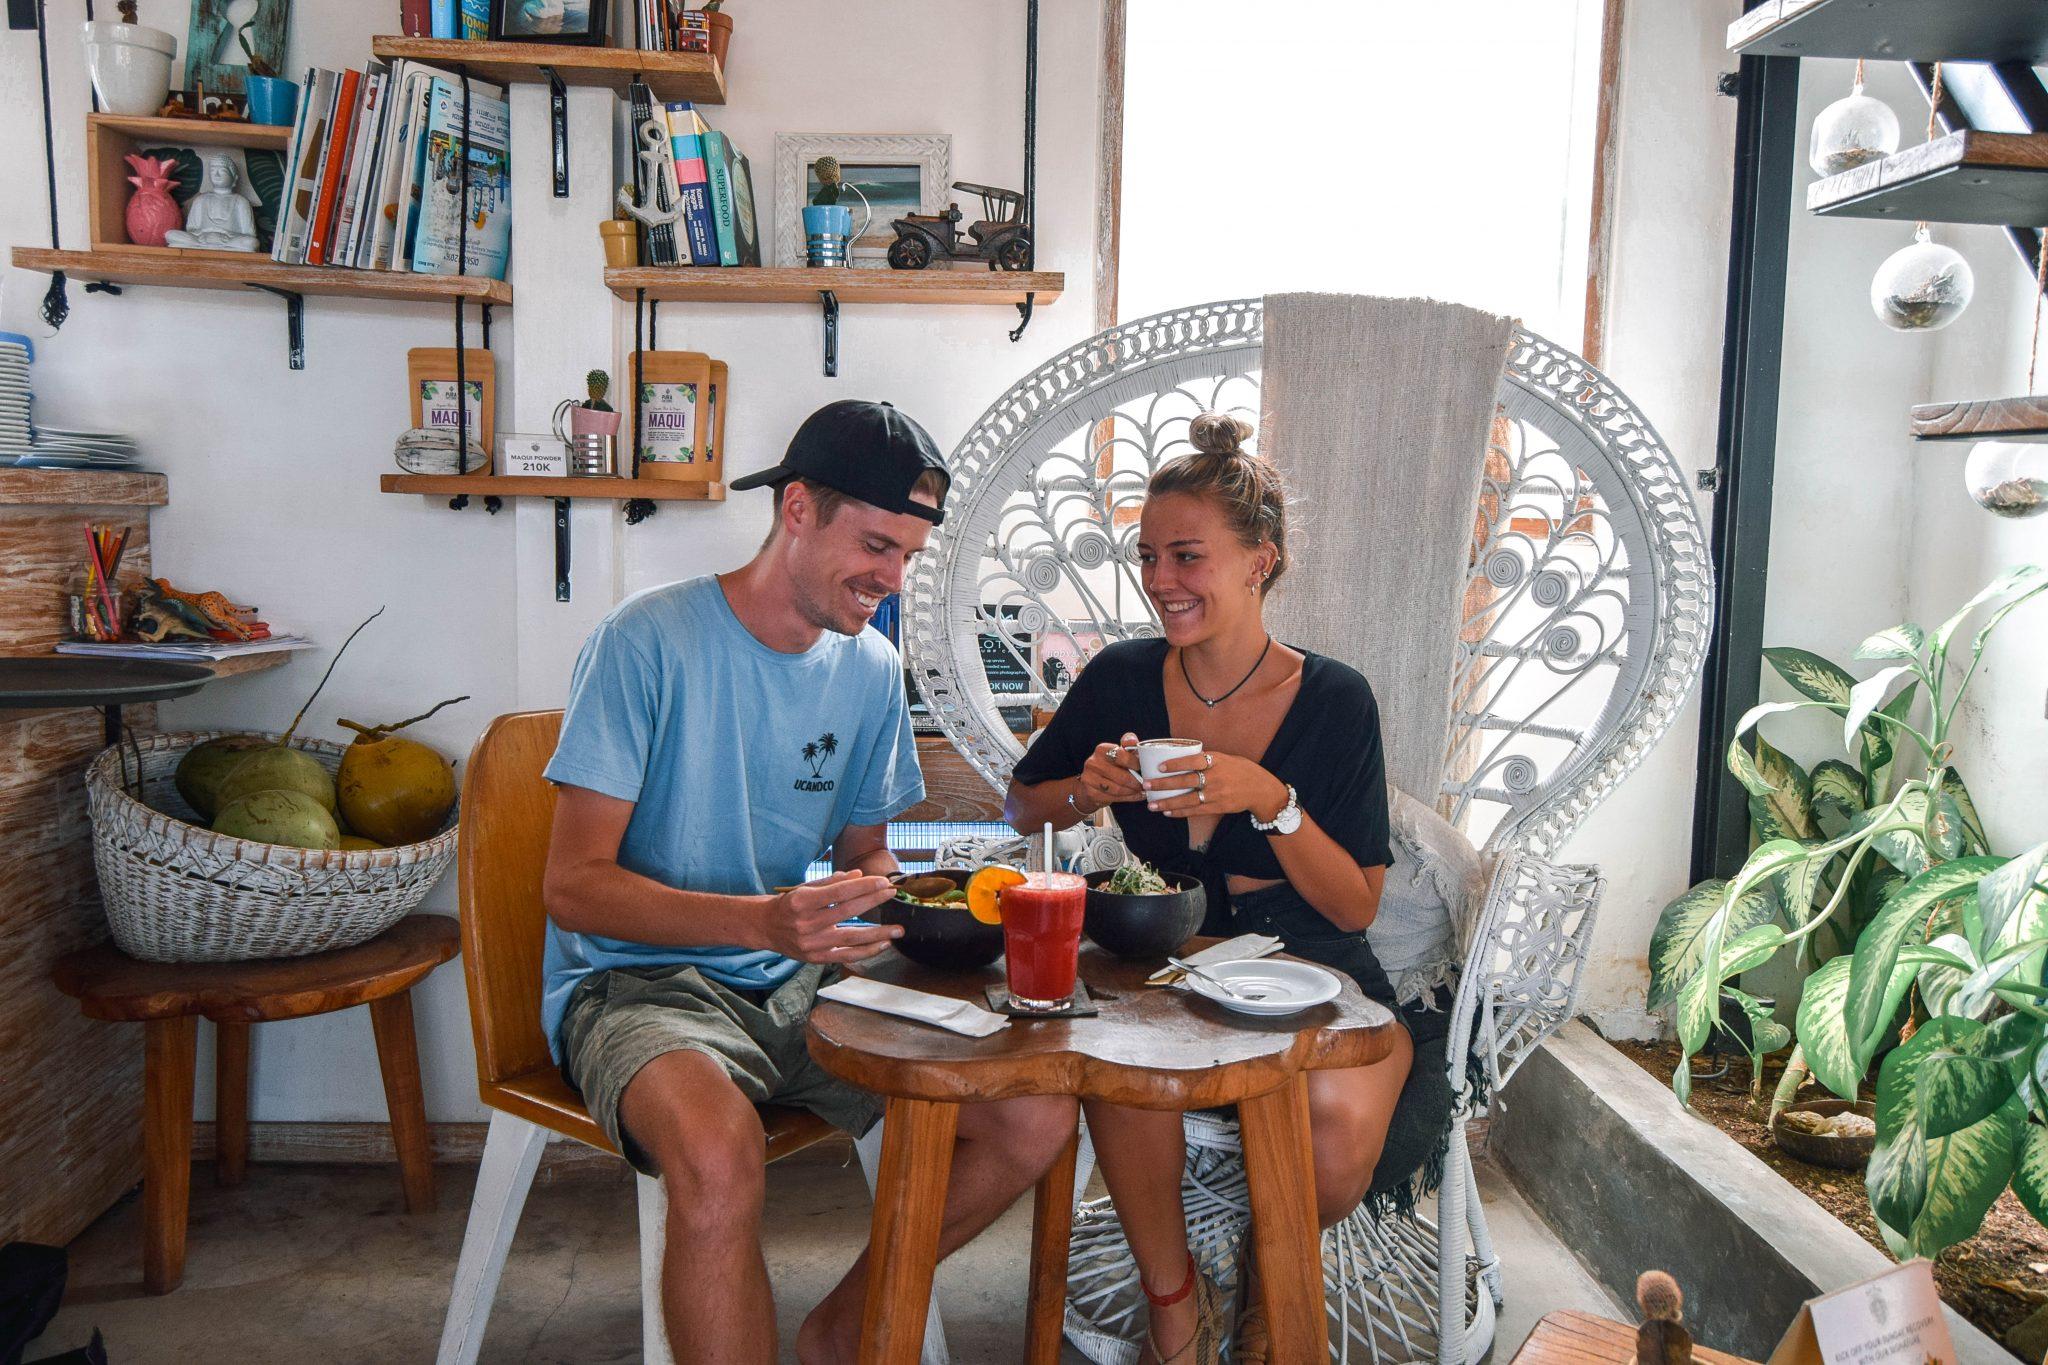 Wanderers & Warriors - Charlie & Lauren UK Travel Couple - Bali Bowls & Smoothies - Best Restaurants In Bali Restaurants - Best Restaurants In Berawa